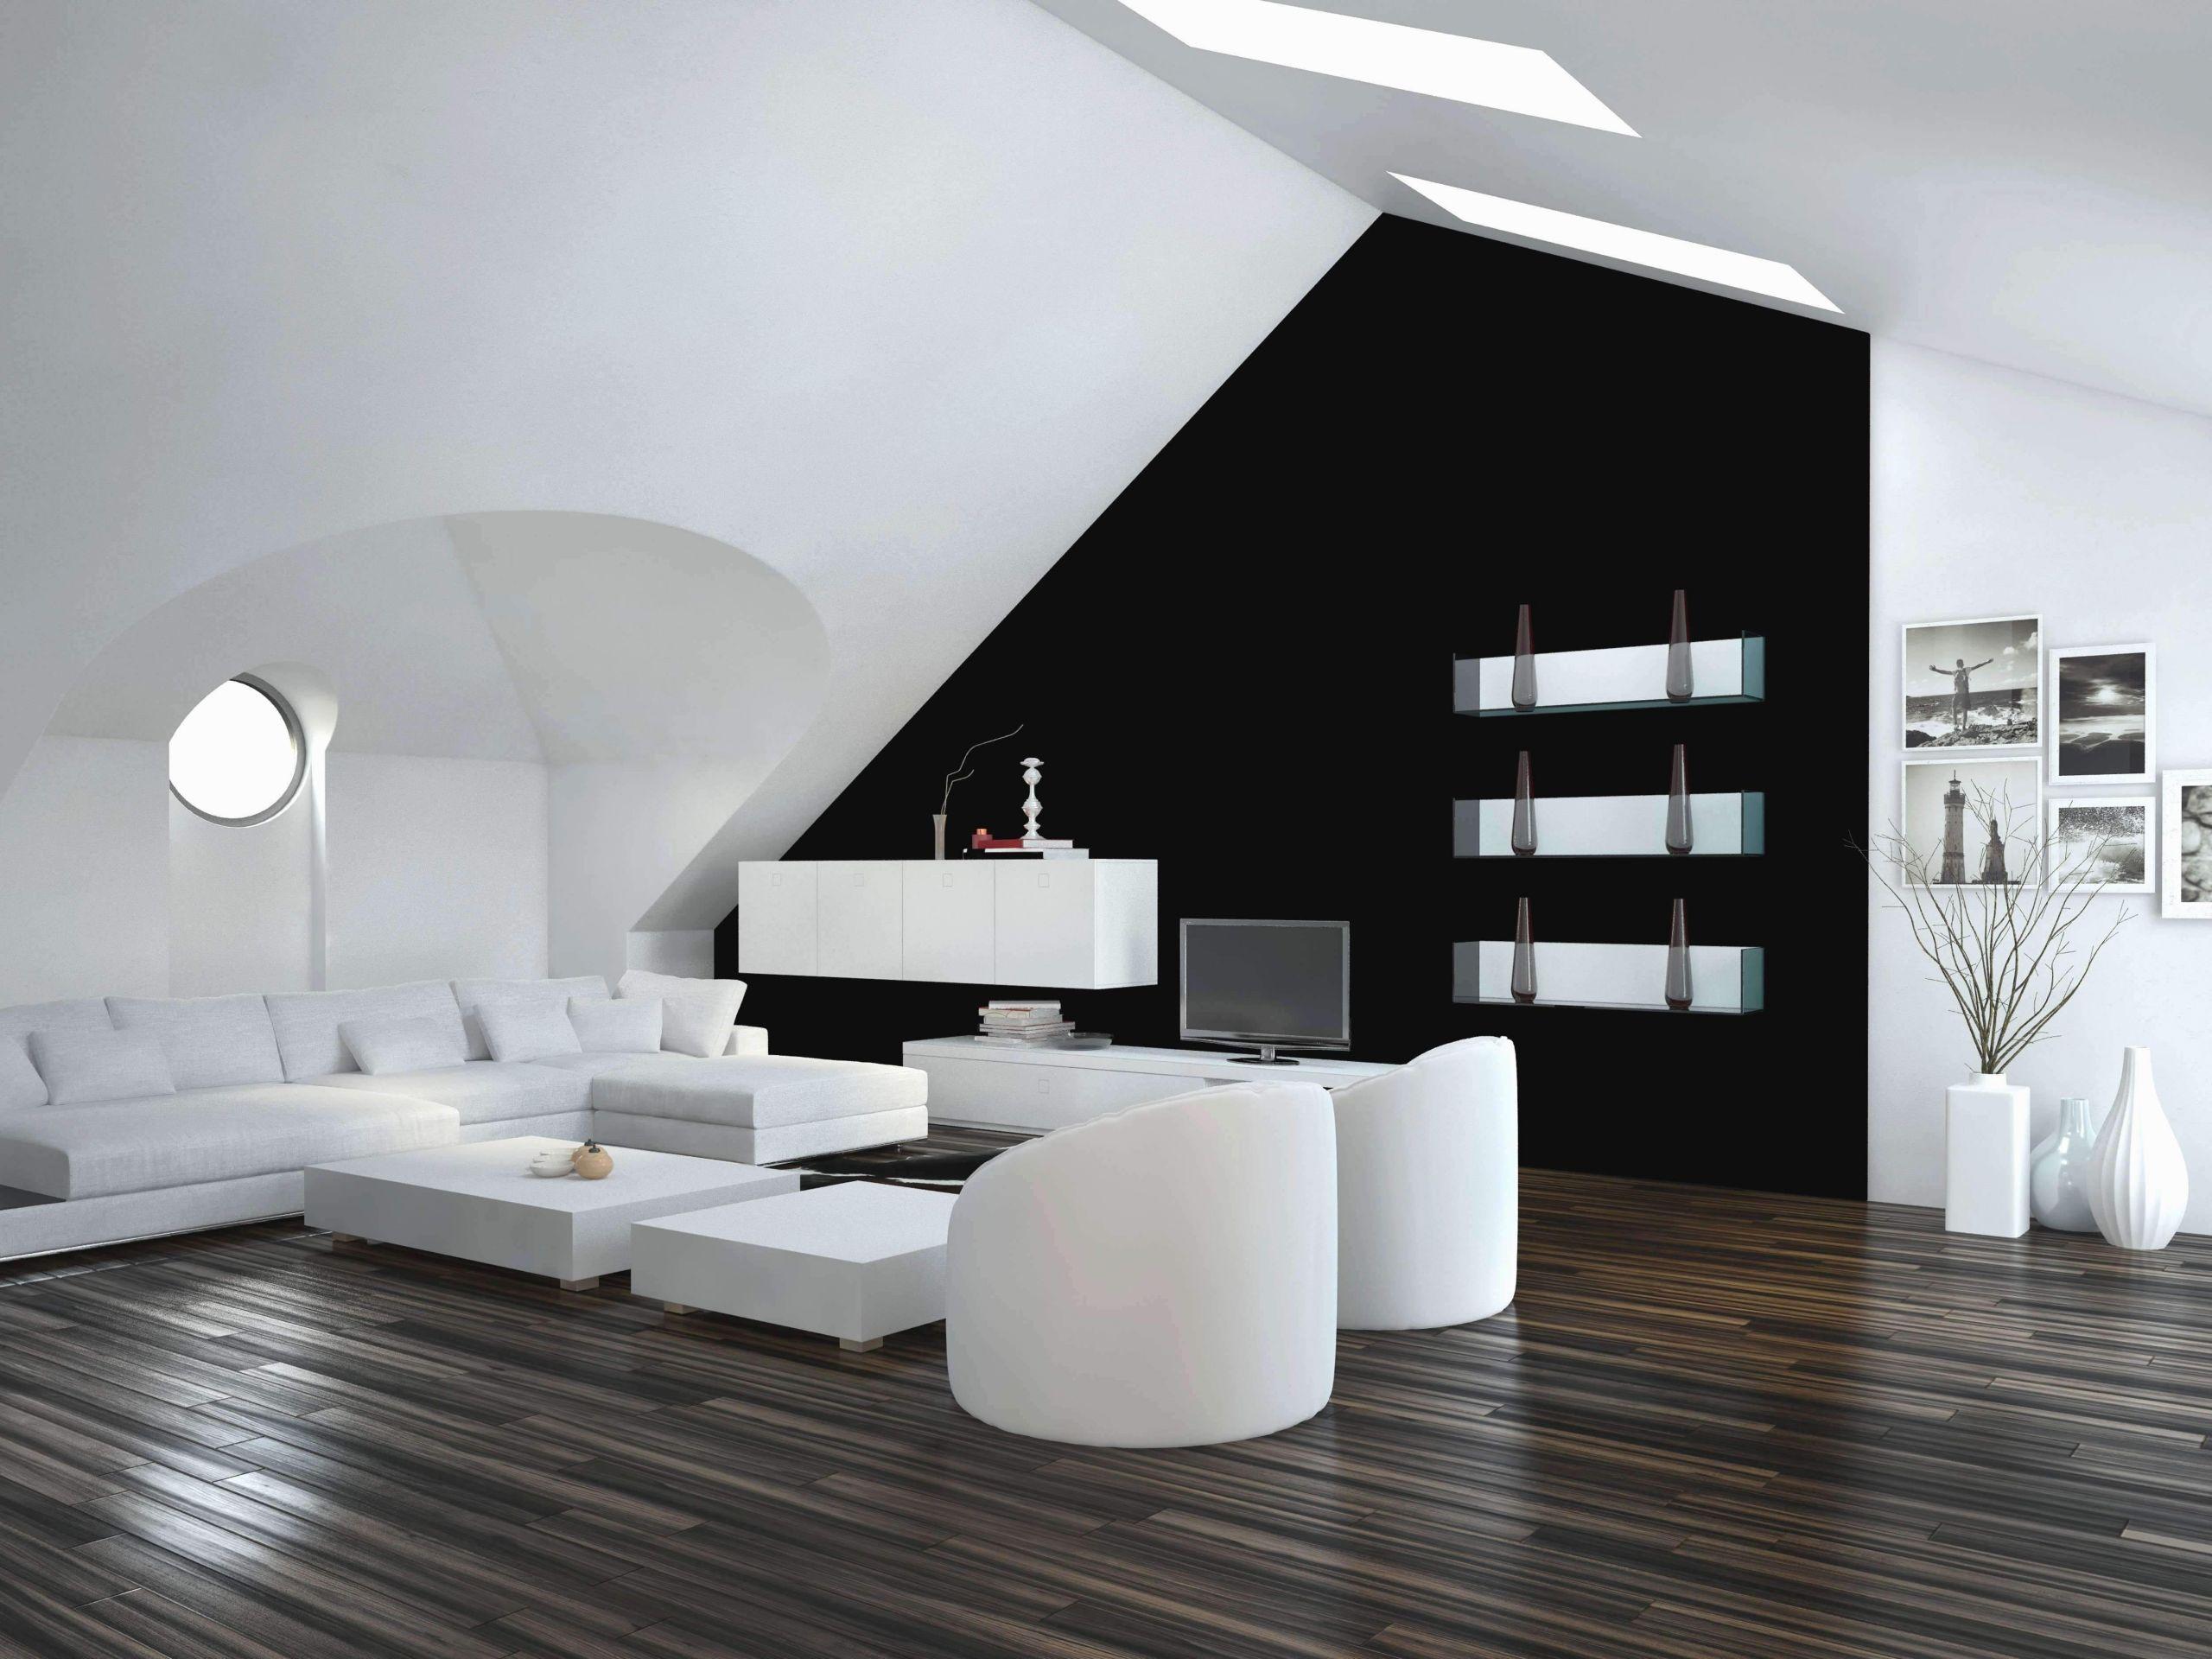 deko bilder wohnzimmer frisch wohnzimmer steinwand schon wohnzimmer deko ideen aktuelle of deko bilder wohnzimmer